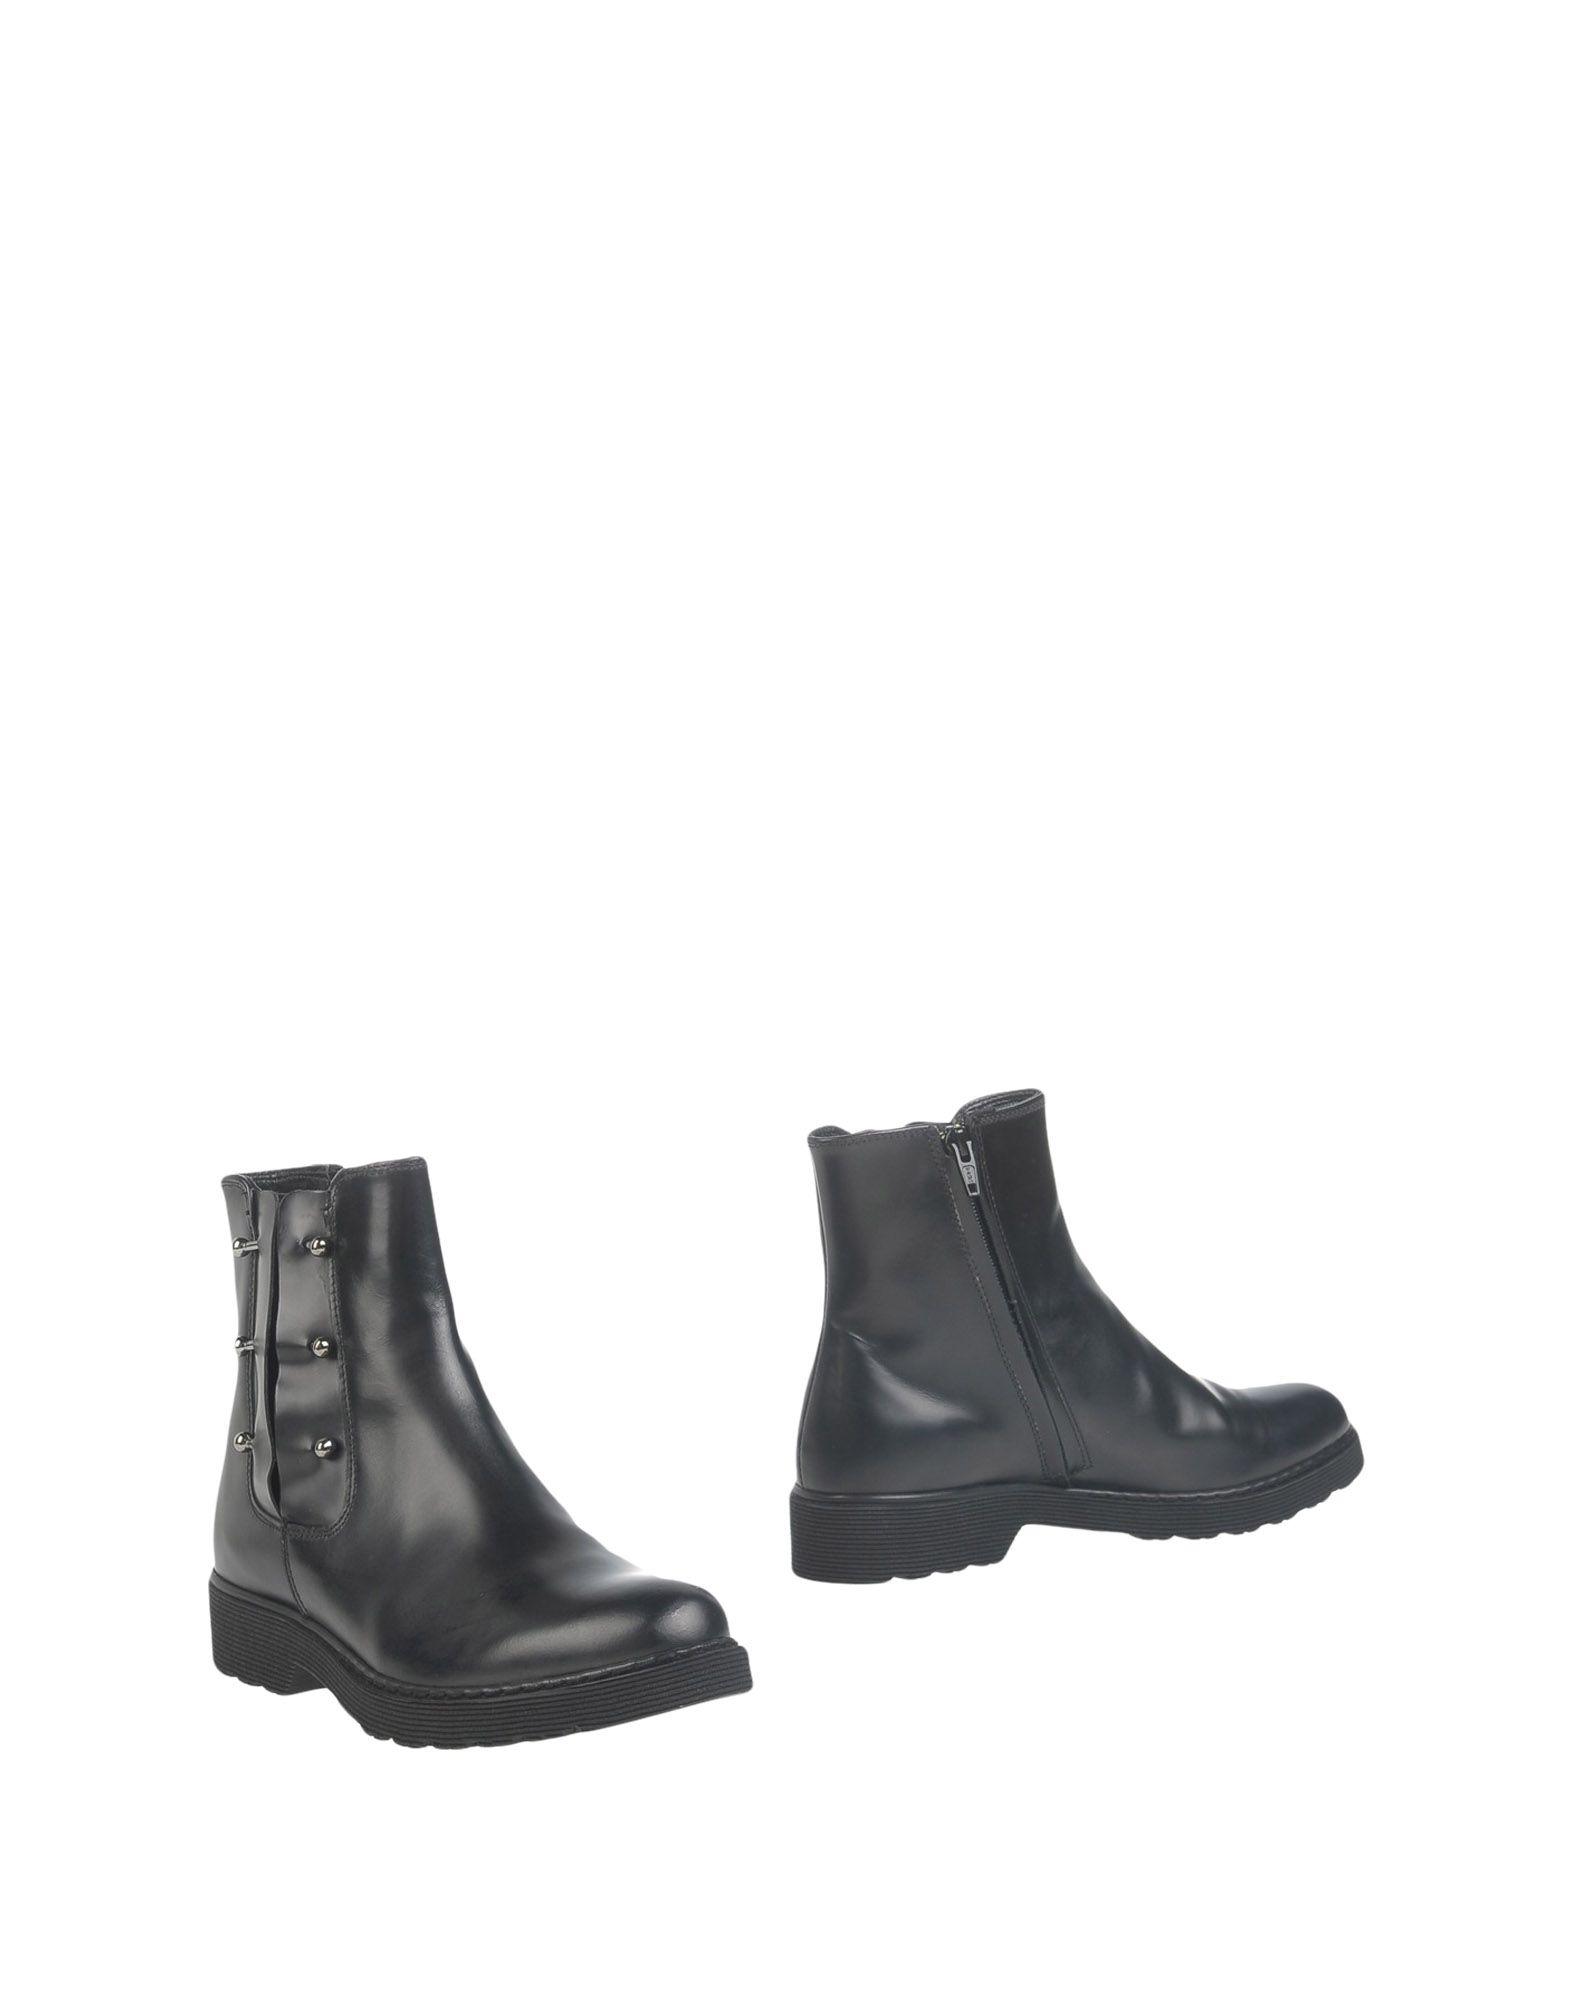 Cult Stiefelette Damen  11298068DA Gute Qualität beliebte Schuhe